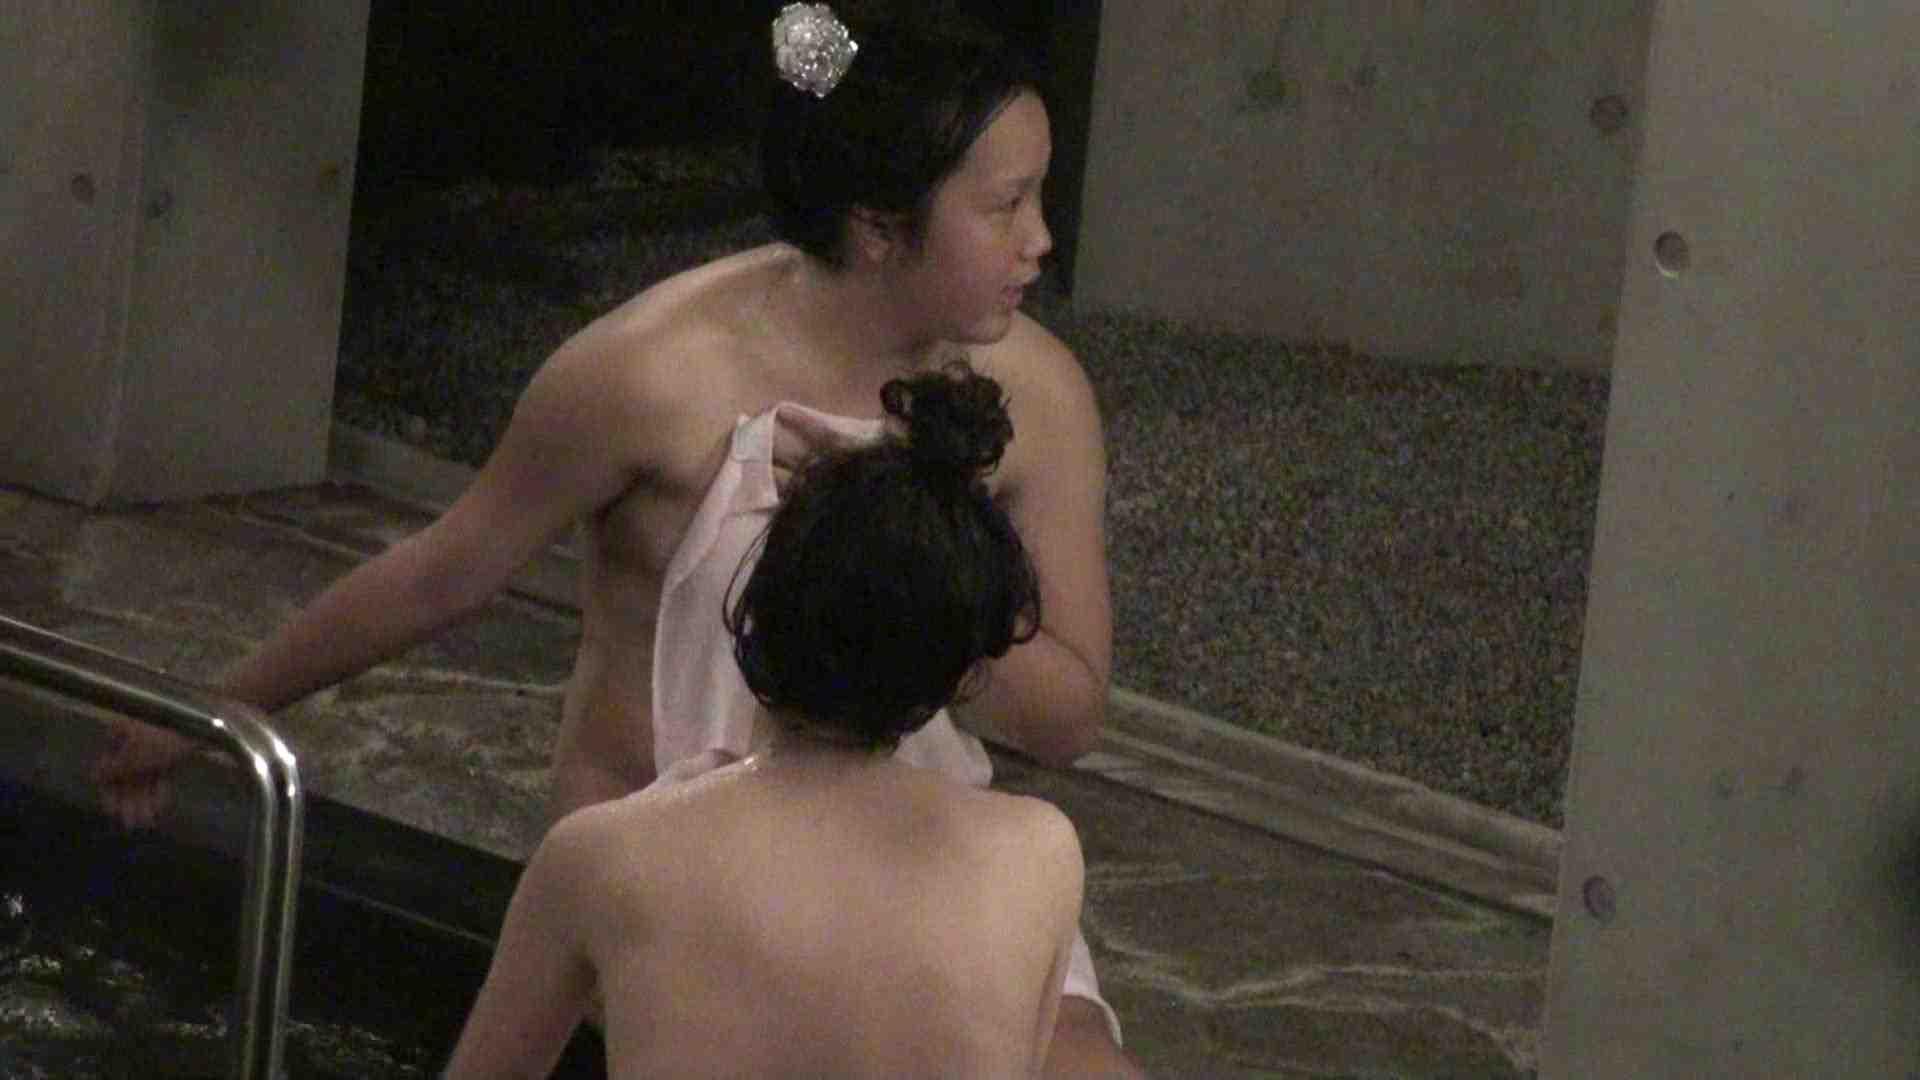 Aquaな露天風呂Vol.382 OLエロ画像 | 盗撮  78PICs 70